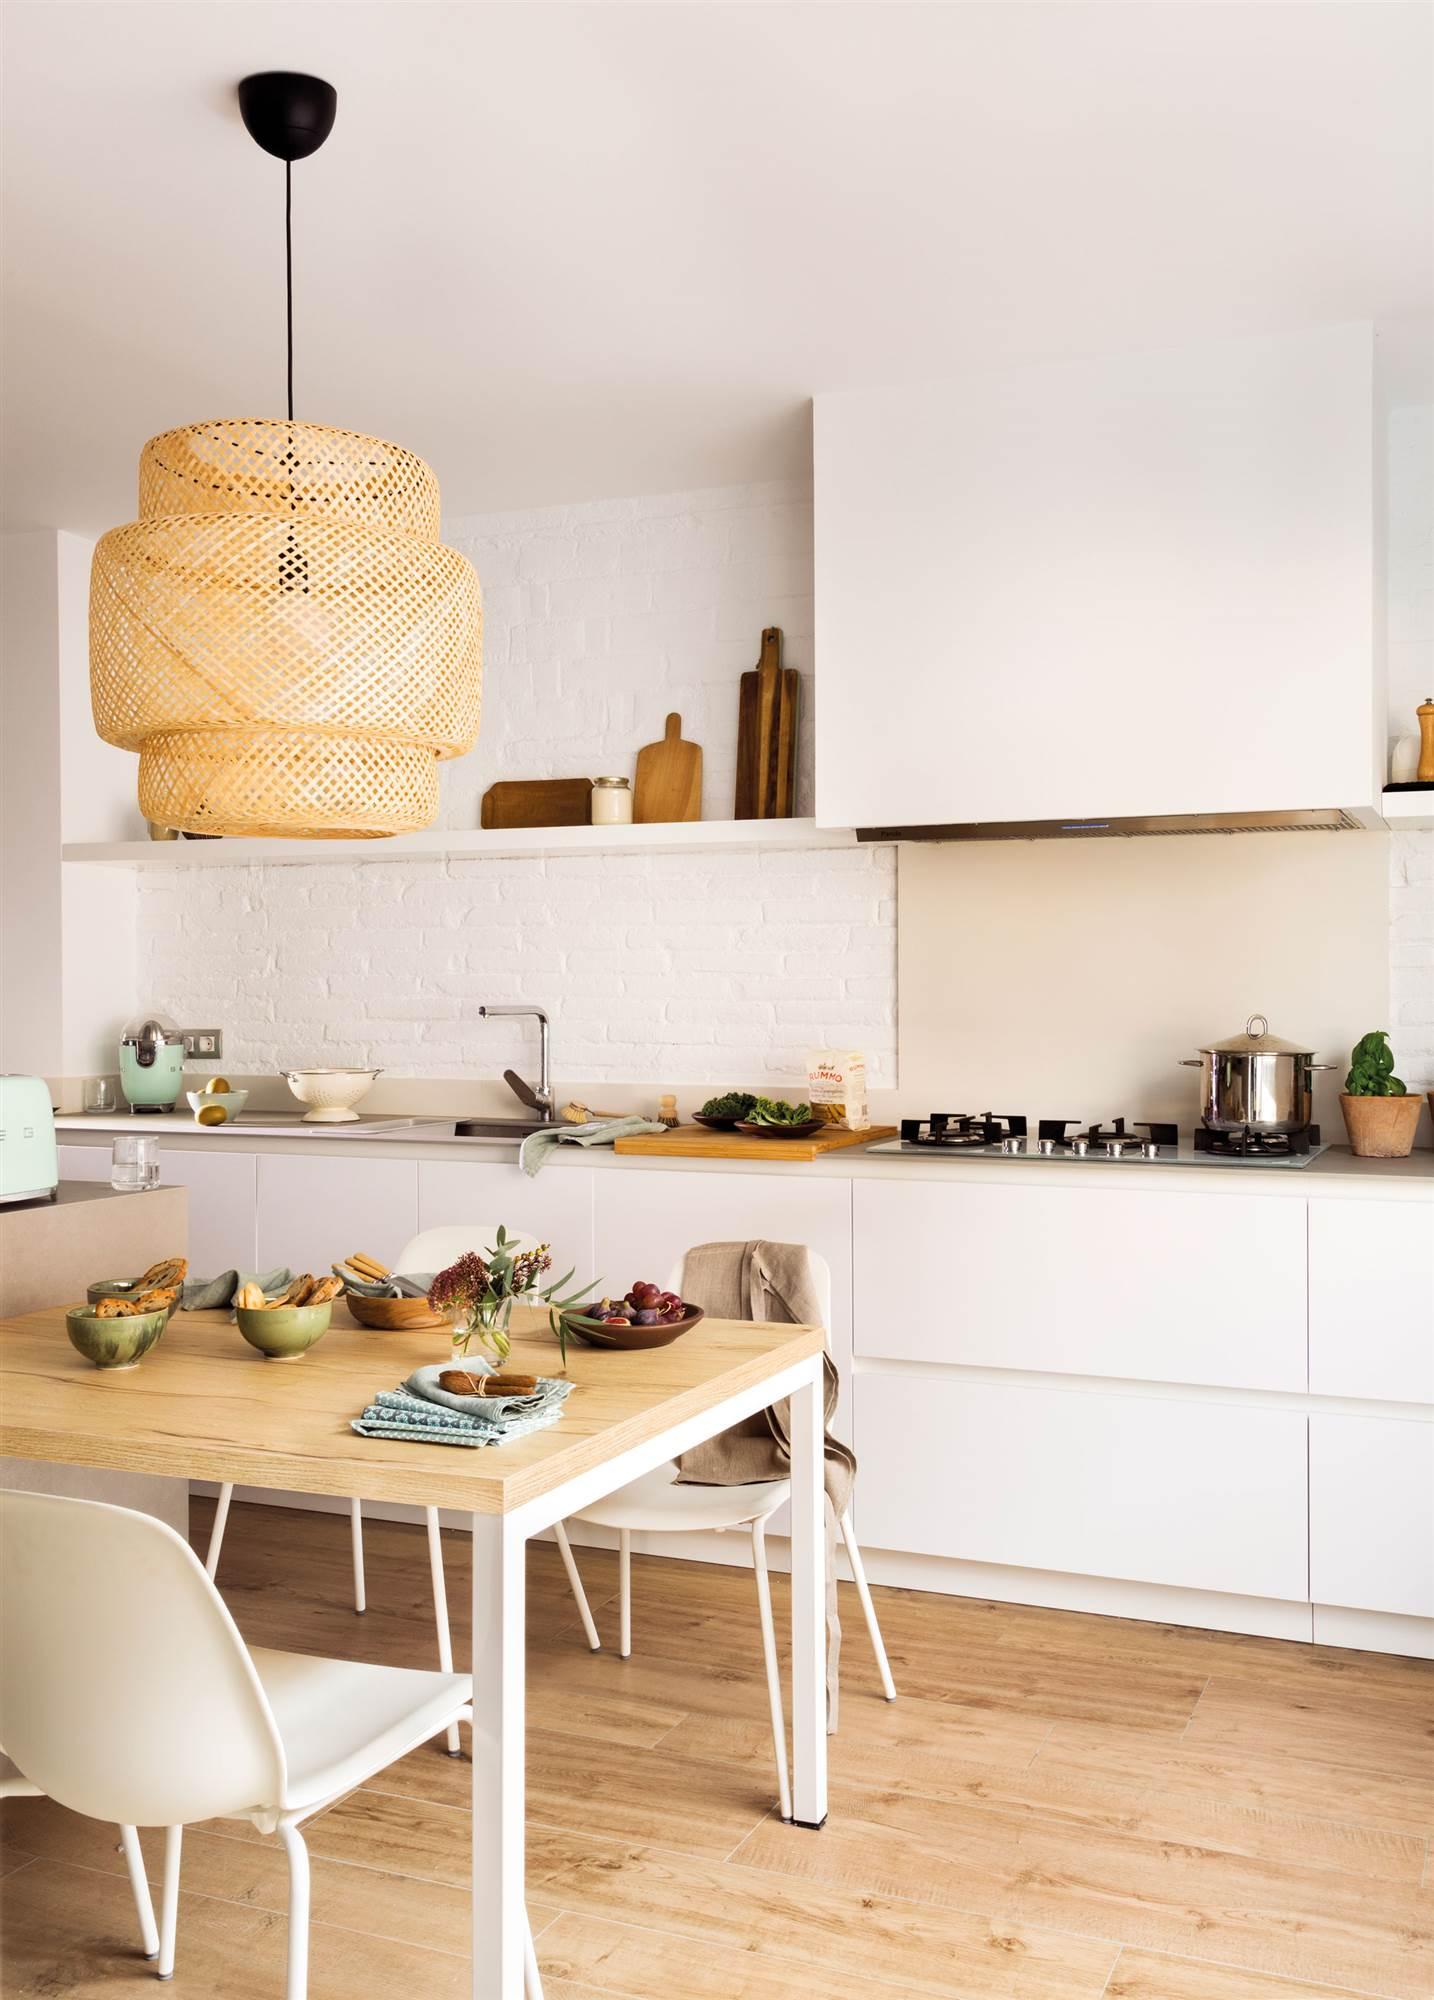 00472319. Cocina blanca con pared de ladrillo pintado, office y lámpara de fibra 00472319